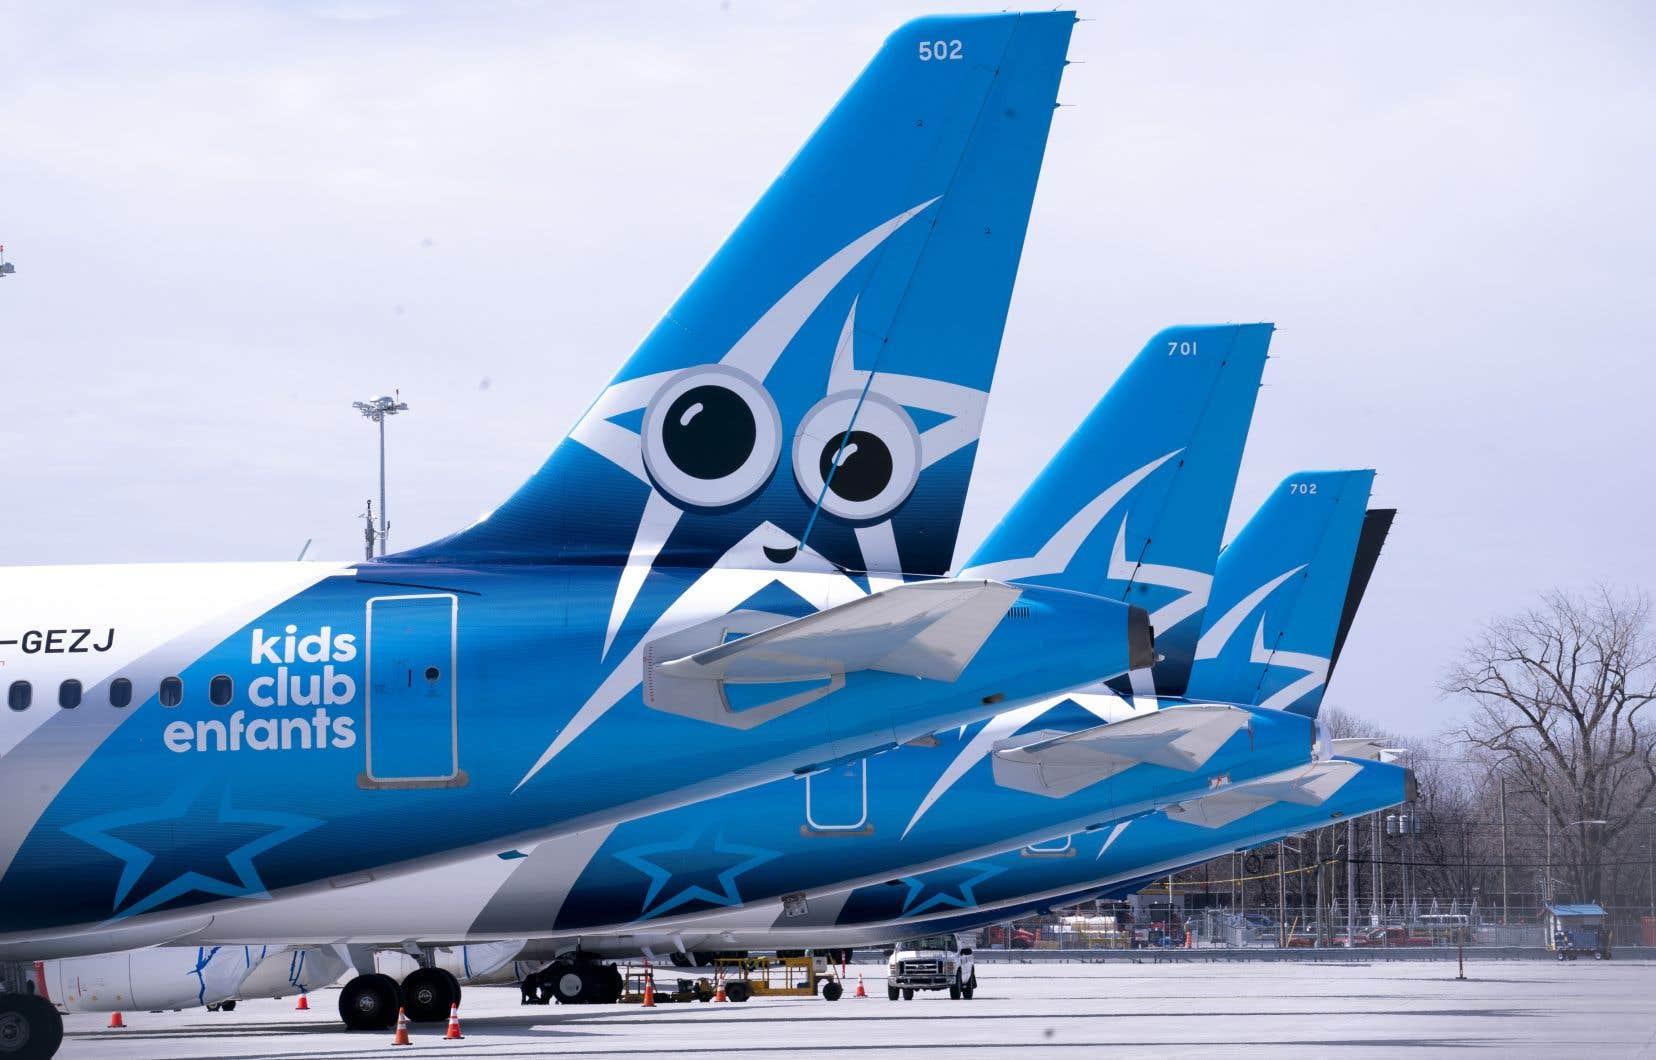 Transat explorerait désormais des solutions de rechange, après l'abandon du projet de fusion avec Air Canada.